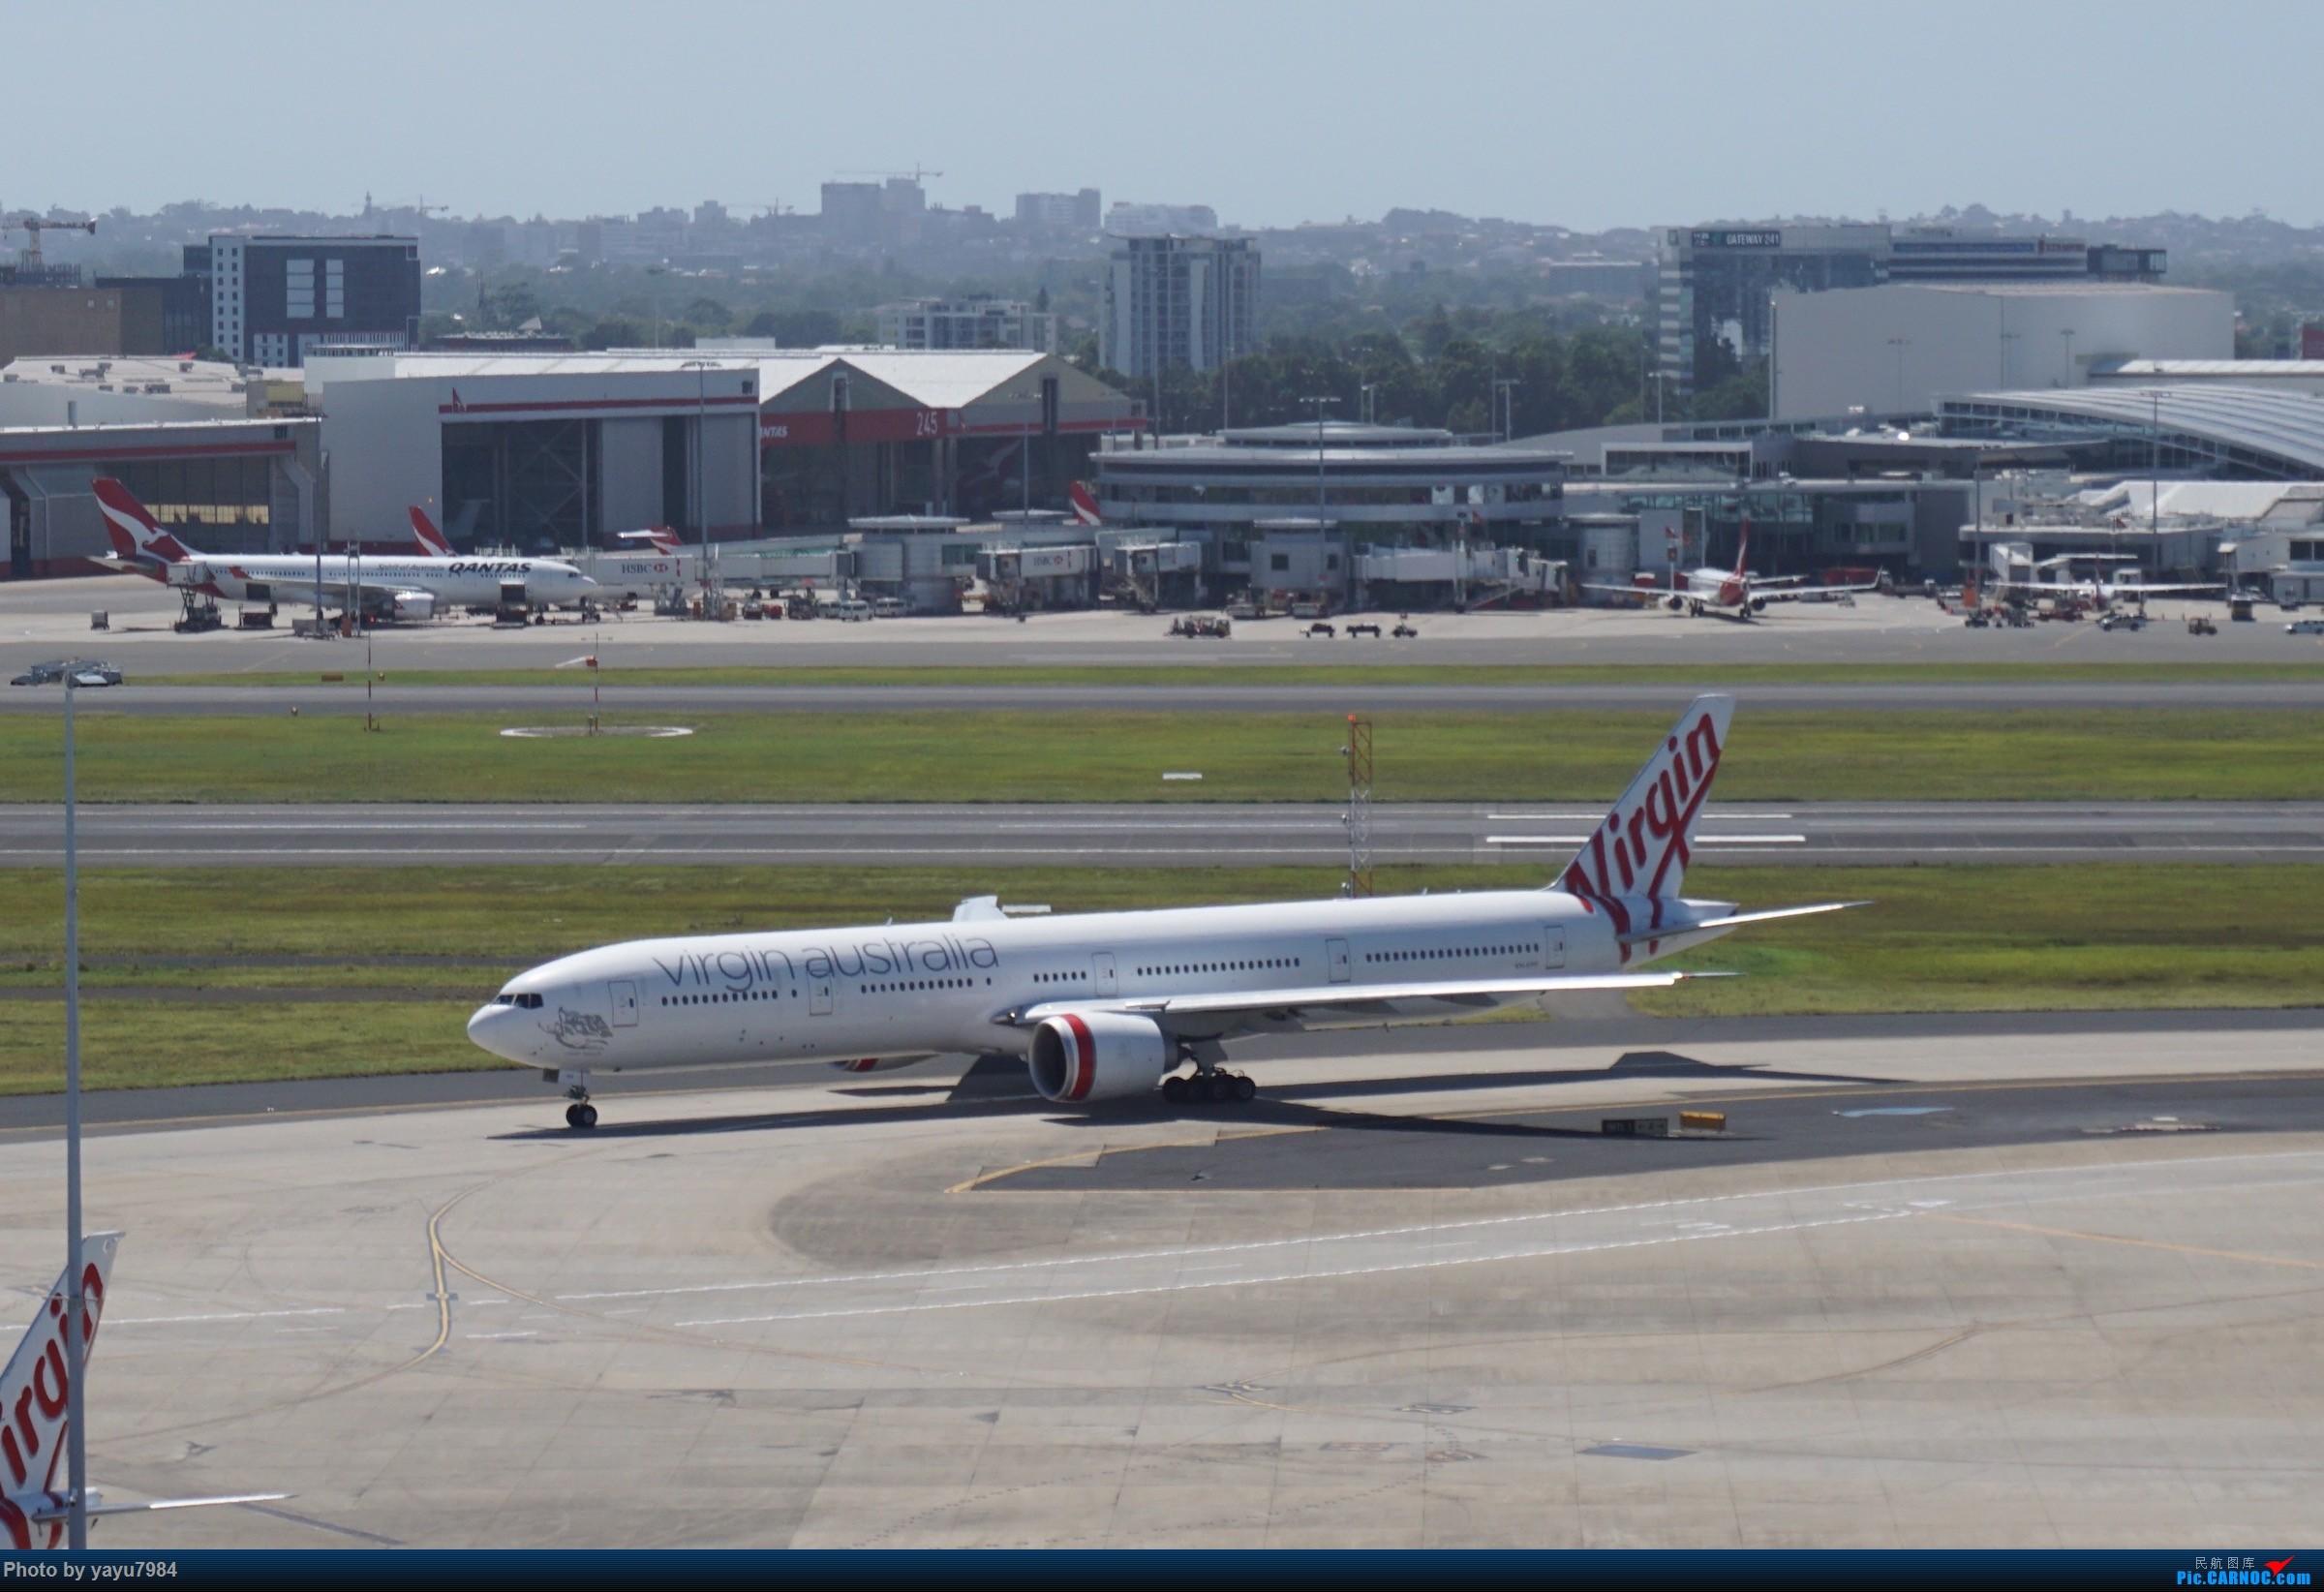 Re:[原创][SYD] 停车楼顶看宽体 BOEING 777-300ER VH-VPF 澳大利亚悉尼金斯福德·史密斯机场